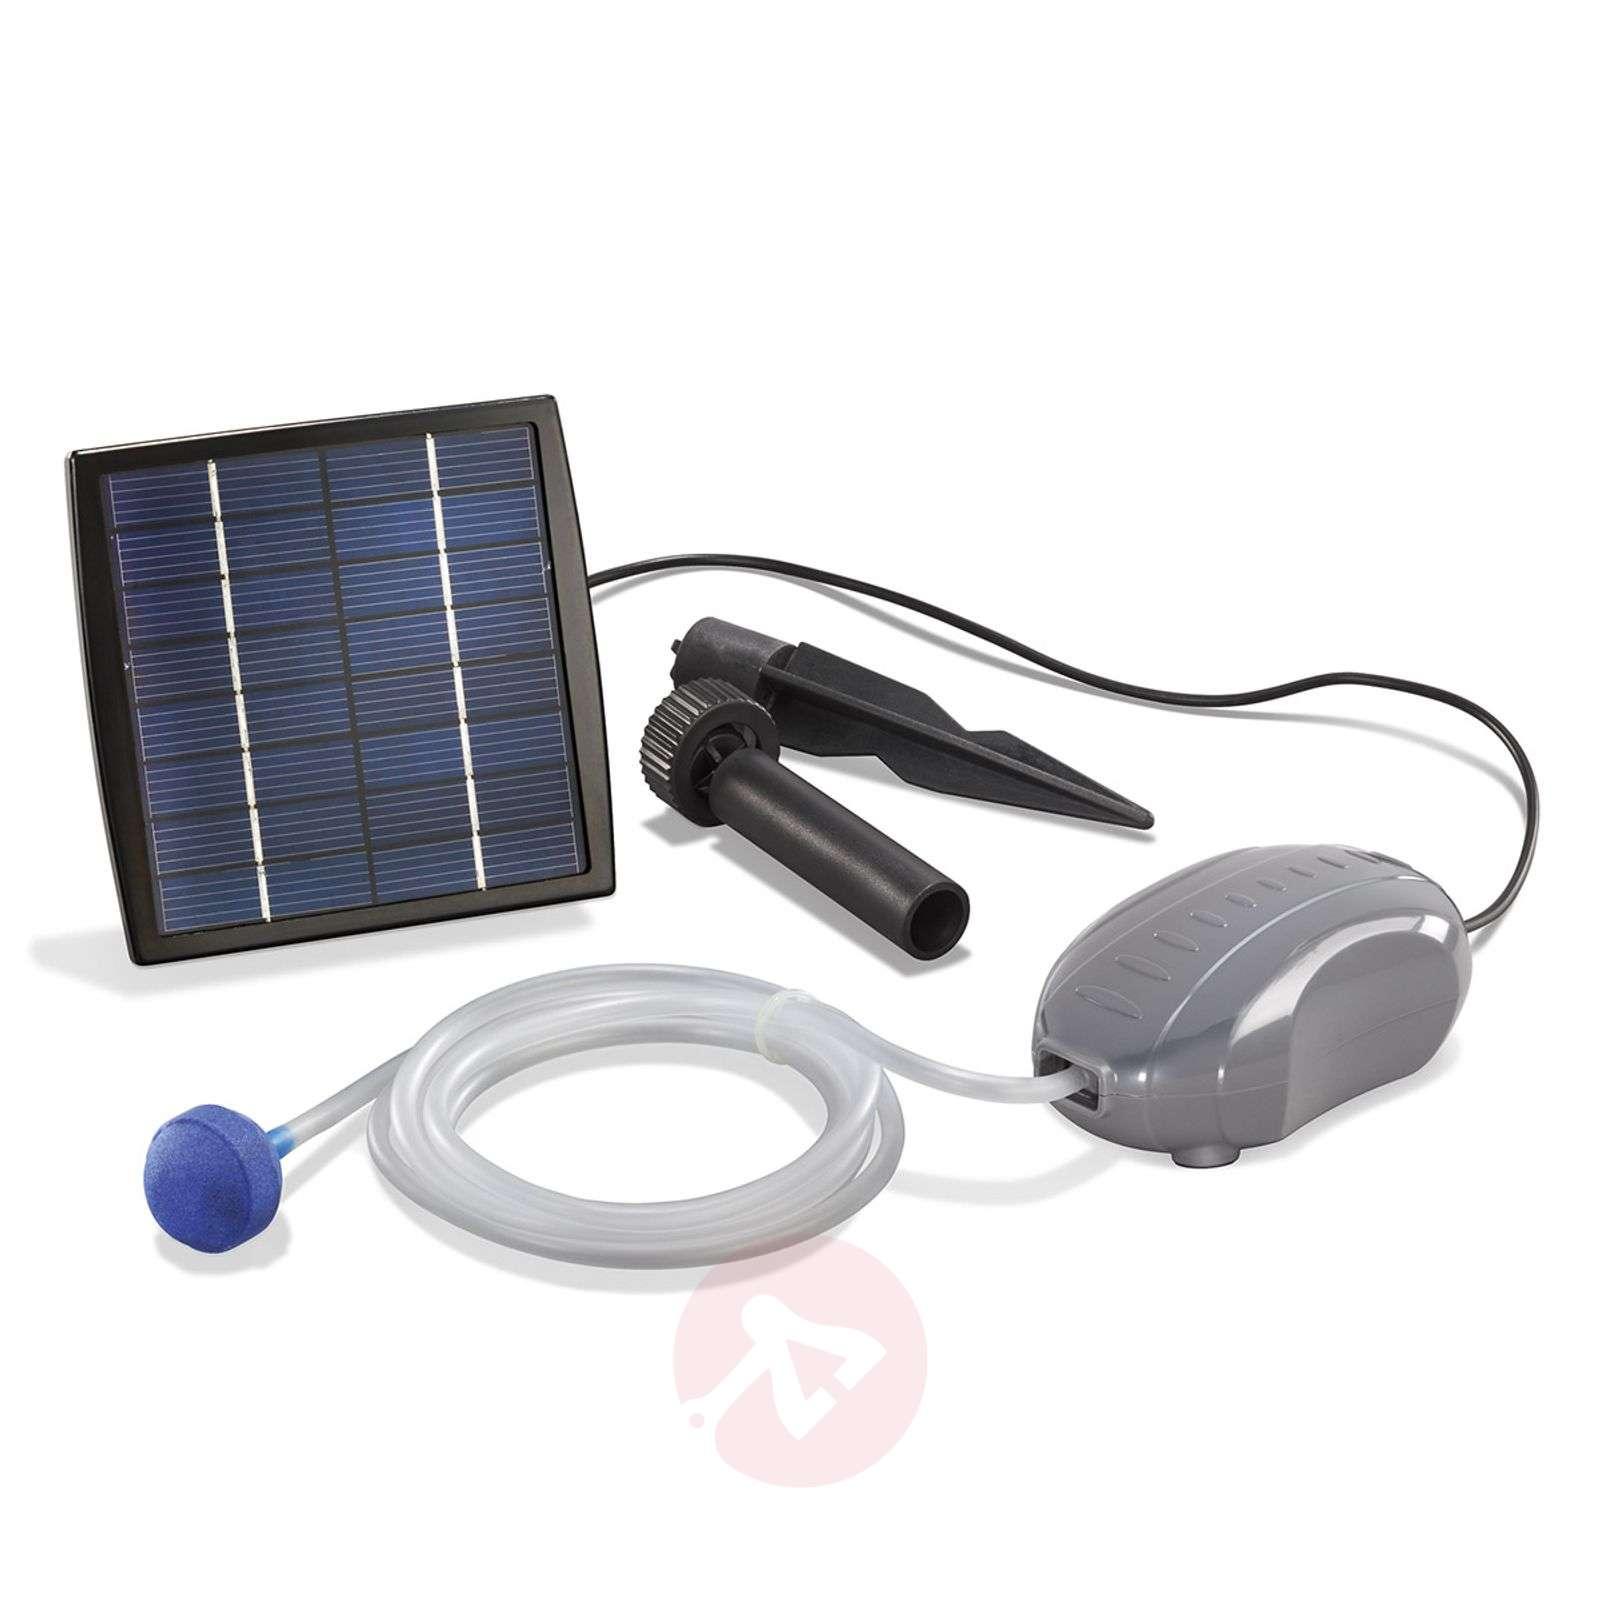 Aurinkokäyttöinen lampi-ilmastin SOLAR AIR-S-3012158-02